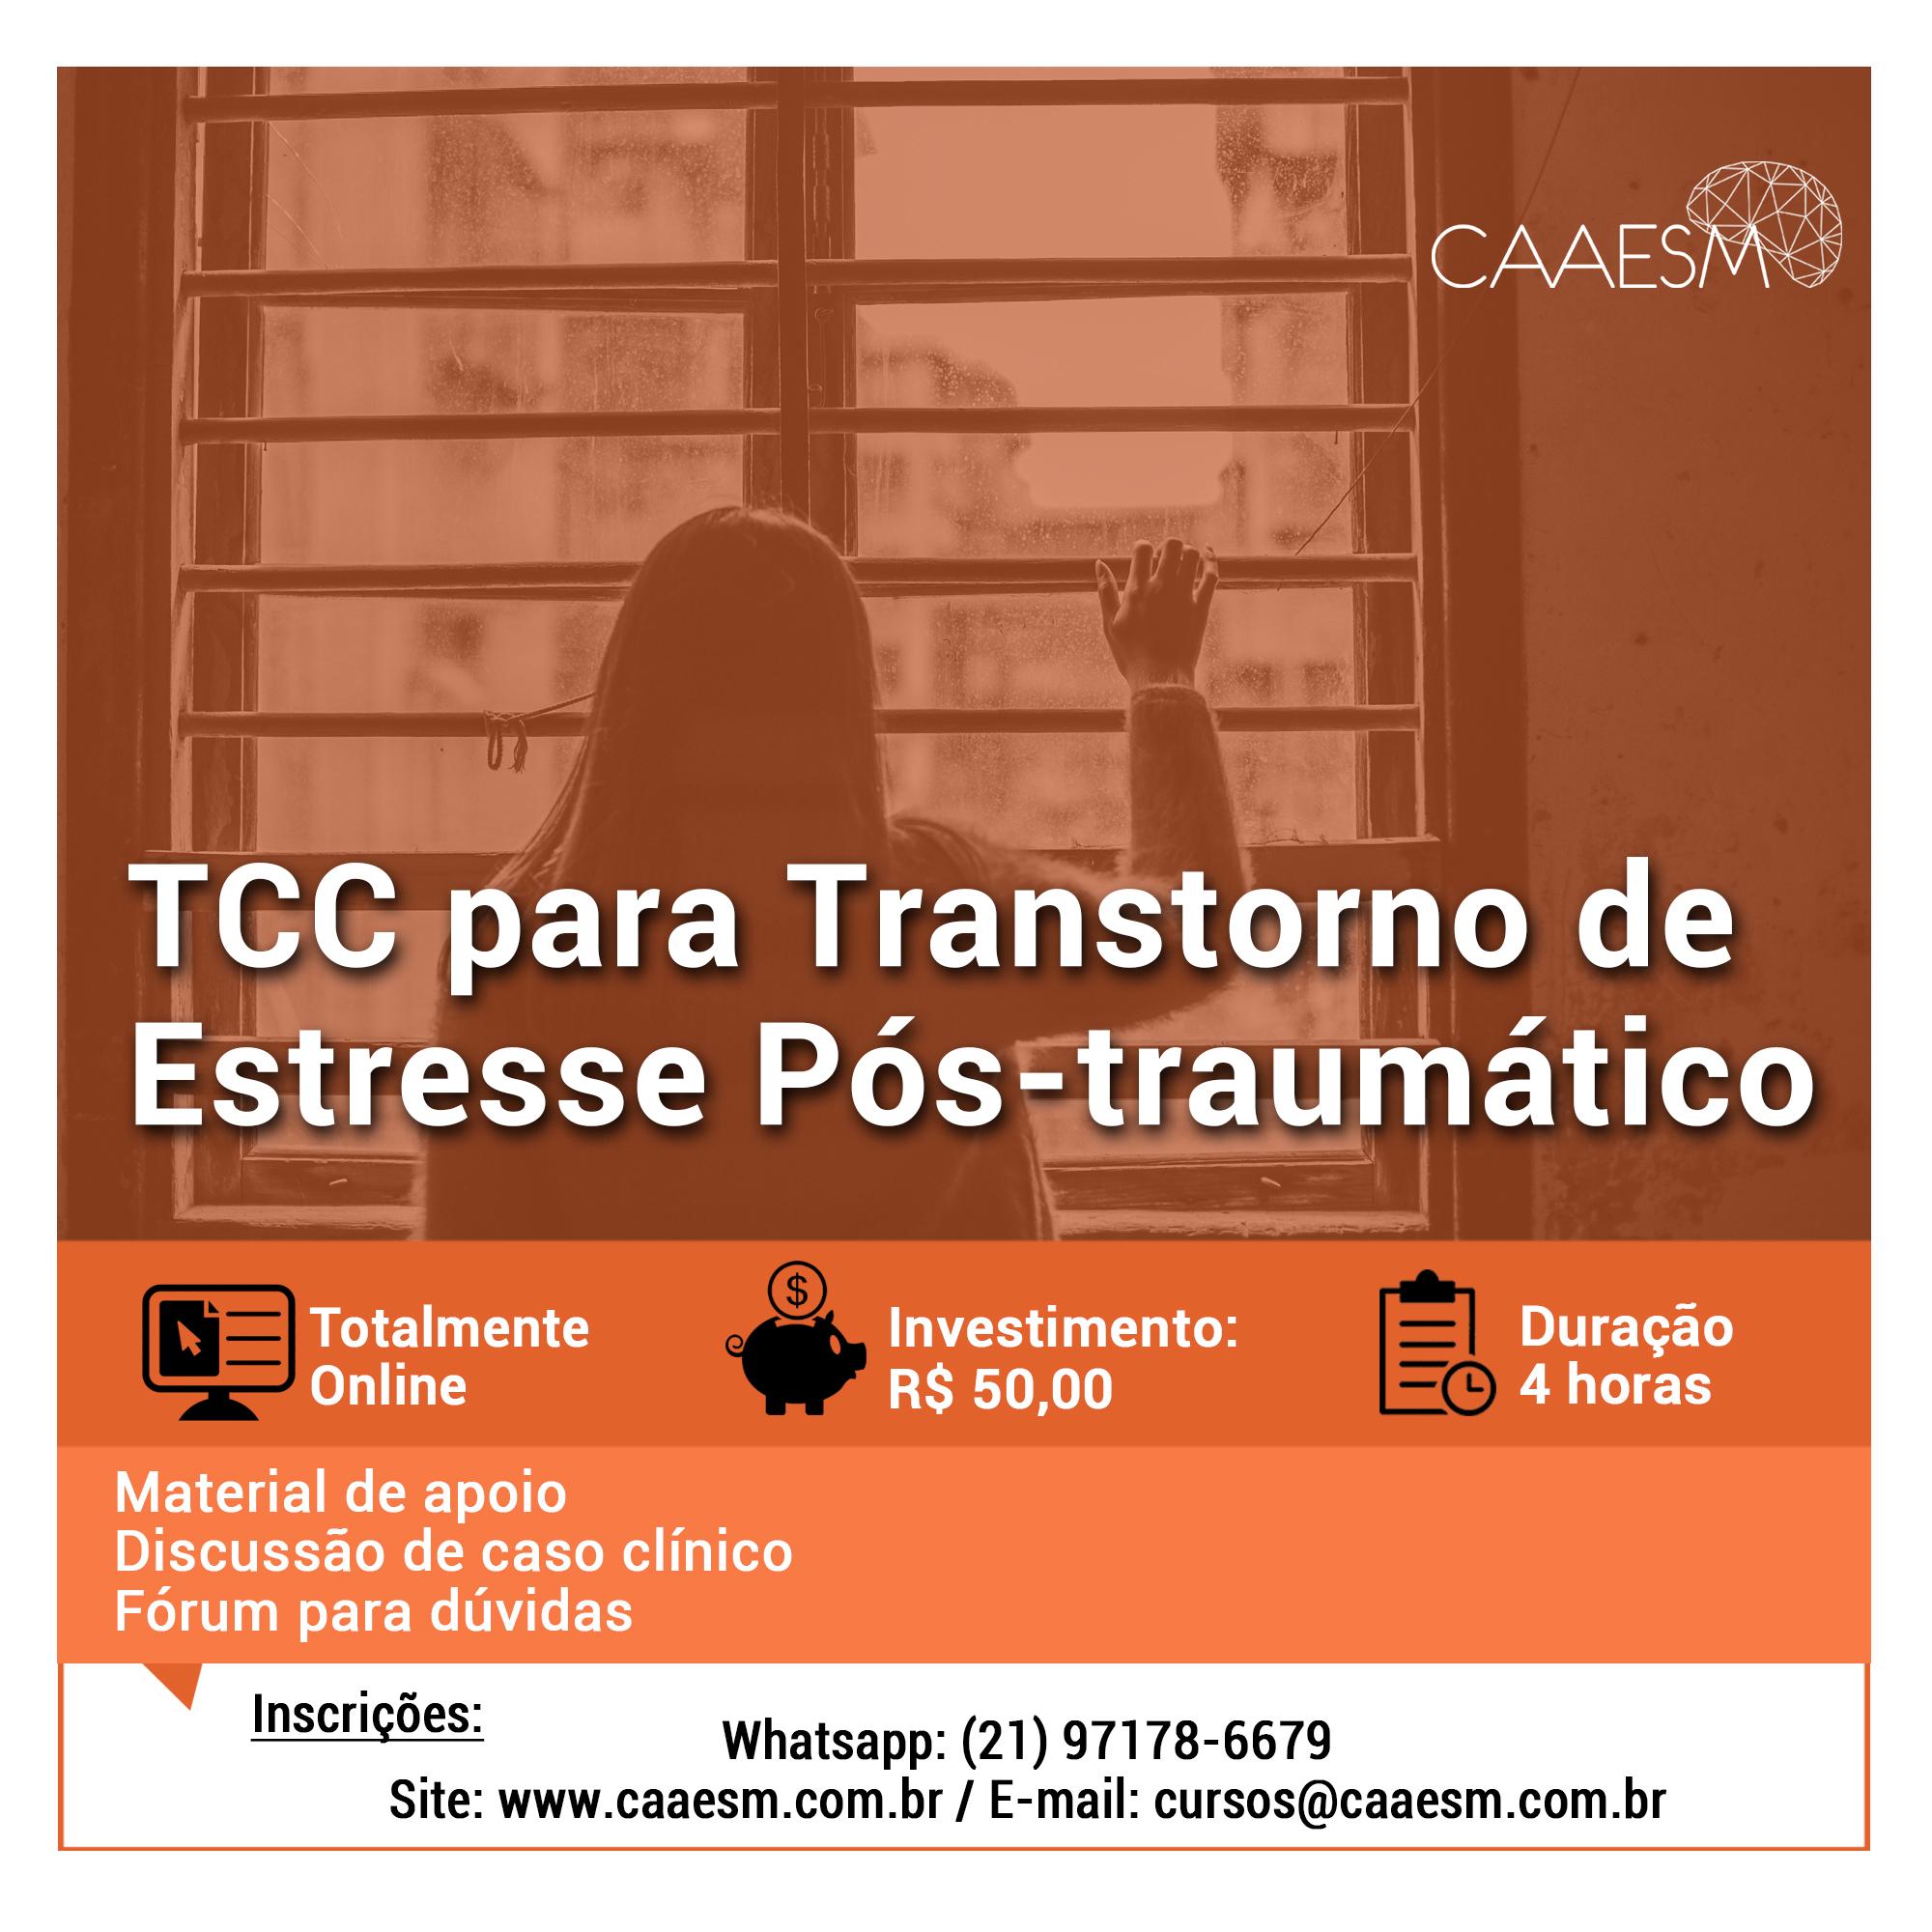 Transtorno do estresse Pós-traumático